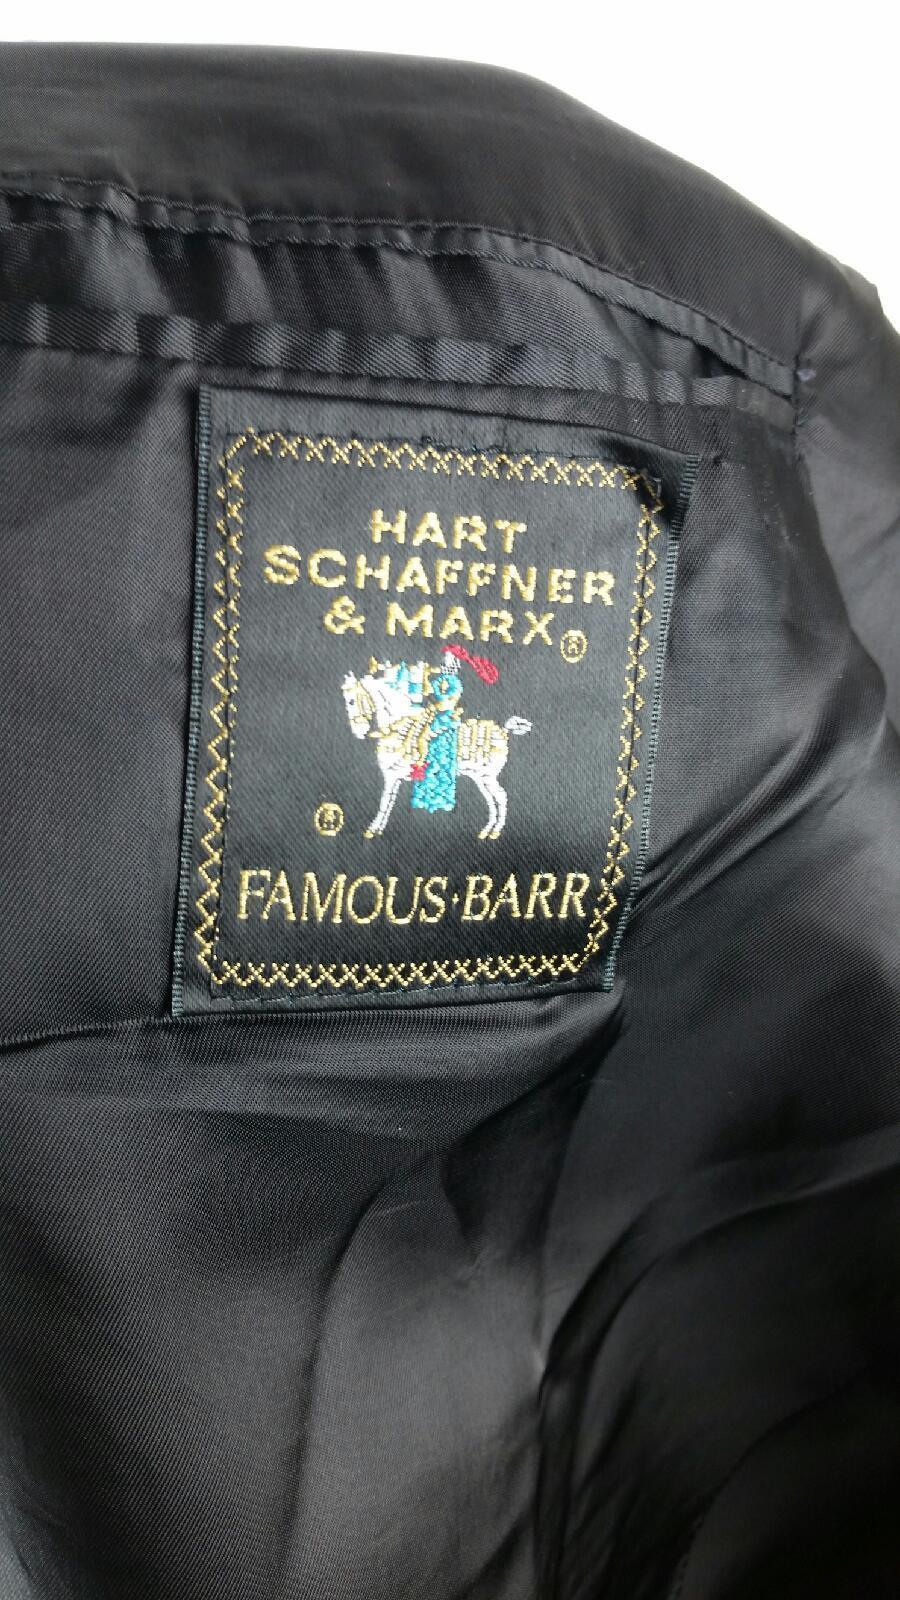 Hart Schaffner & Marx Famous-Barr Veste 48L Veste Famous-Barr Noire 2 Boutons Blazer Laine Vierge 7f4ecd